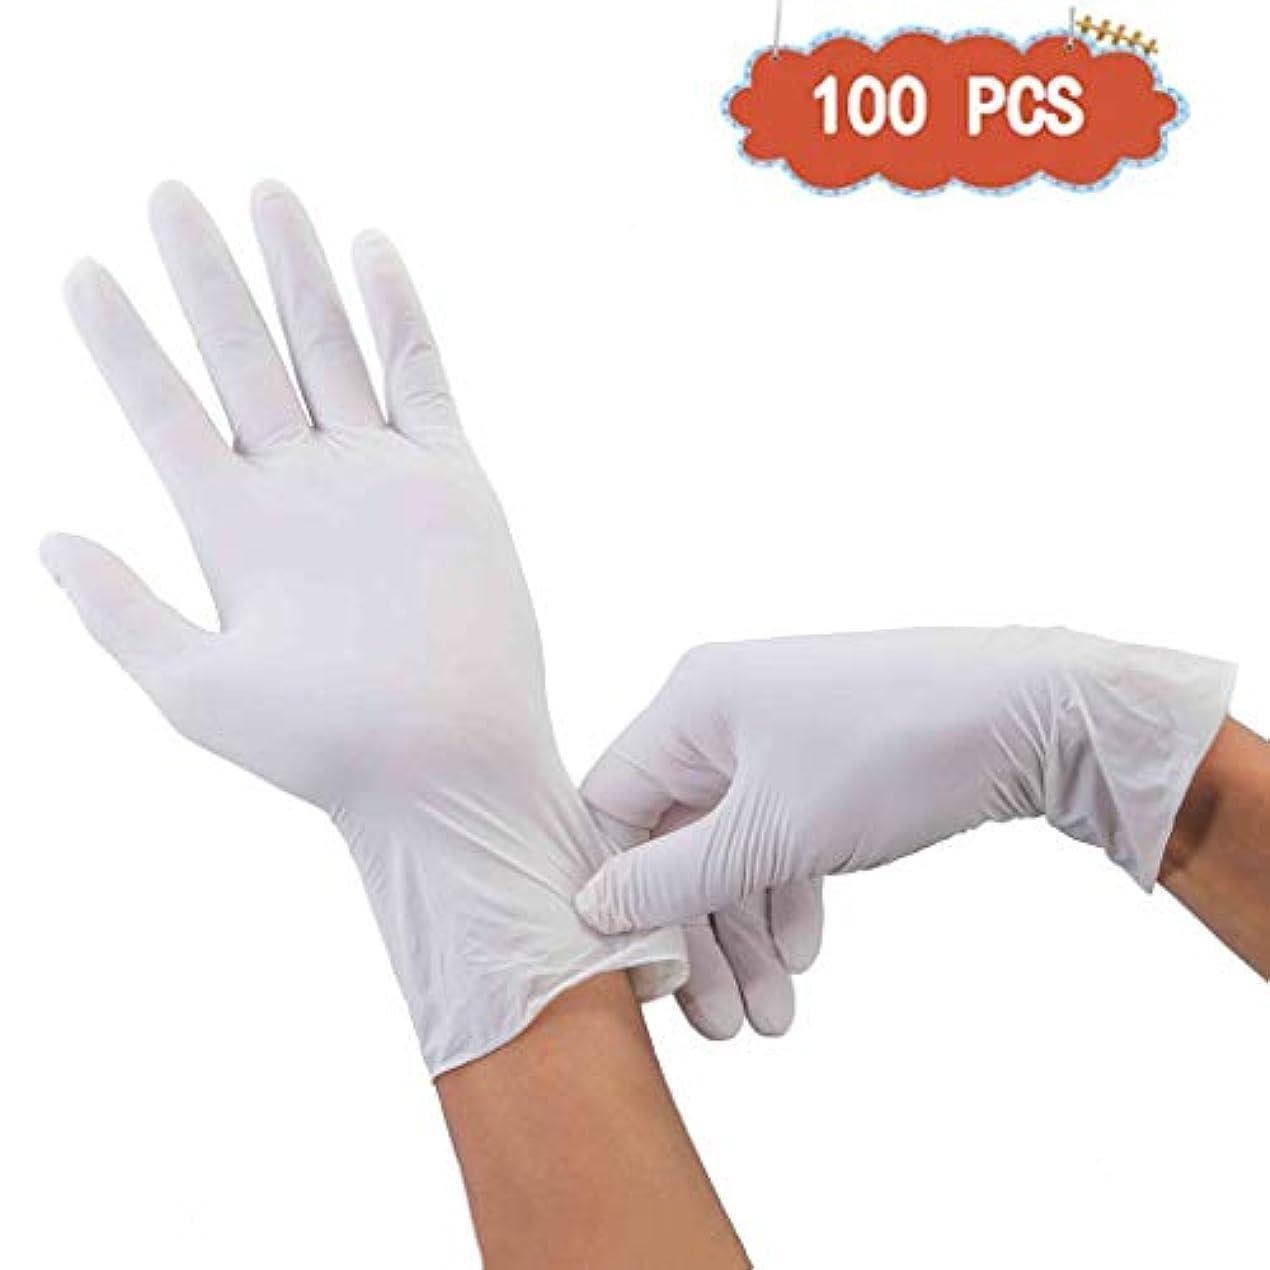 アクティブ以上温帯ニトリル手袋、白い手袋食品衛生処理医療産業使い捨て手袋ペットケアネイルアート検査保護実験、美容サロンラテックスフリー、、 100個 (Size : S)